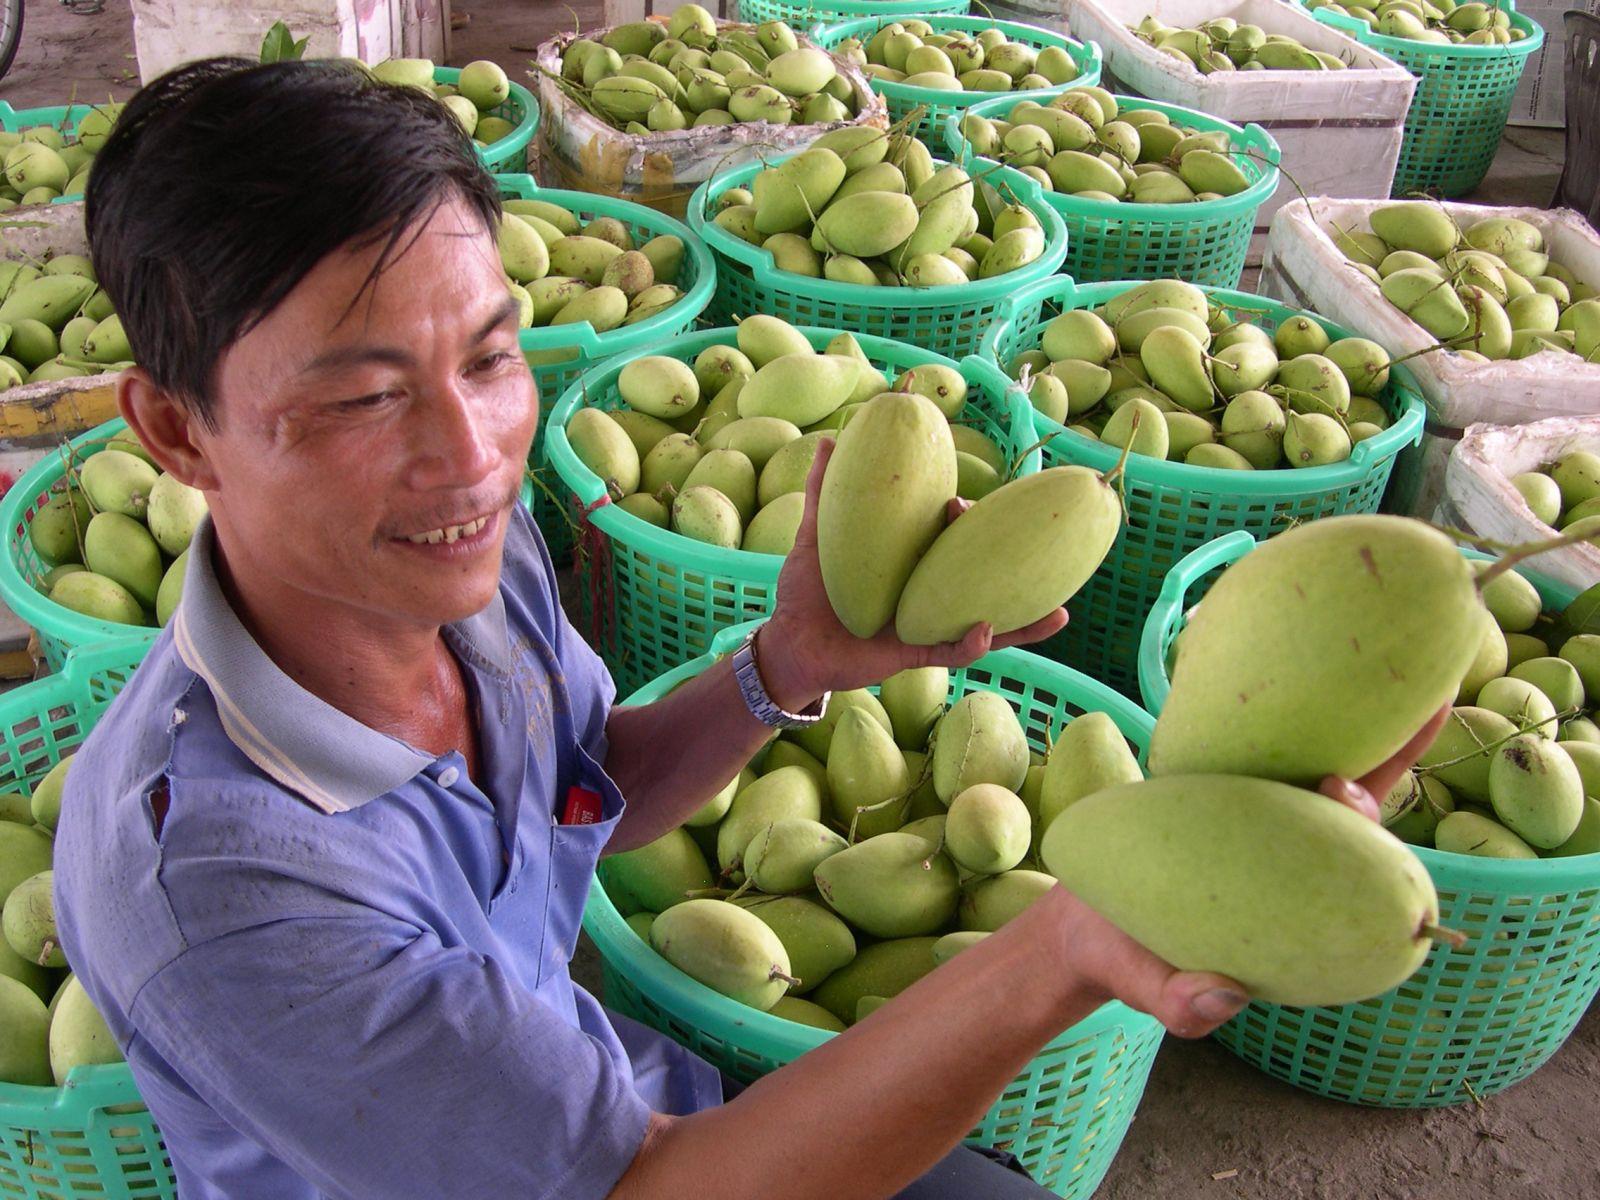 Ba loại trái cây của Việt Nam đang bán lượng khổng lồ sang Trung Quốc sẽ phải cạnh tranh với Campuchia, là những quả nào? - Ảnh 2.